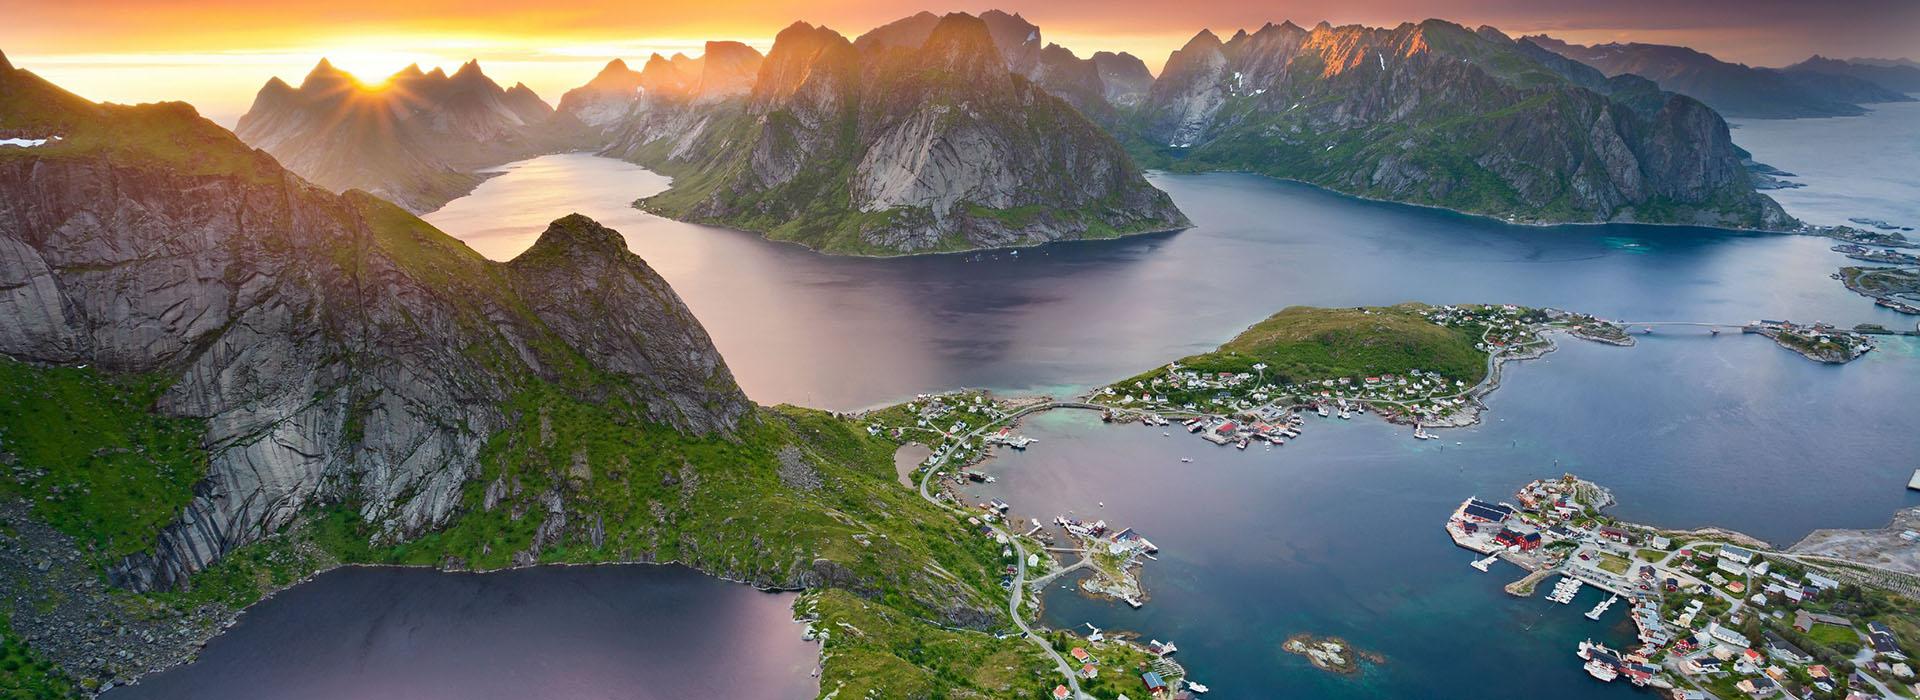 Avrupa'nın En Güzel Yerleri - Genel